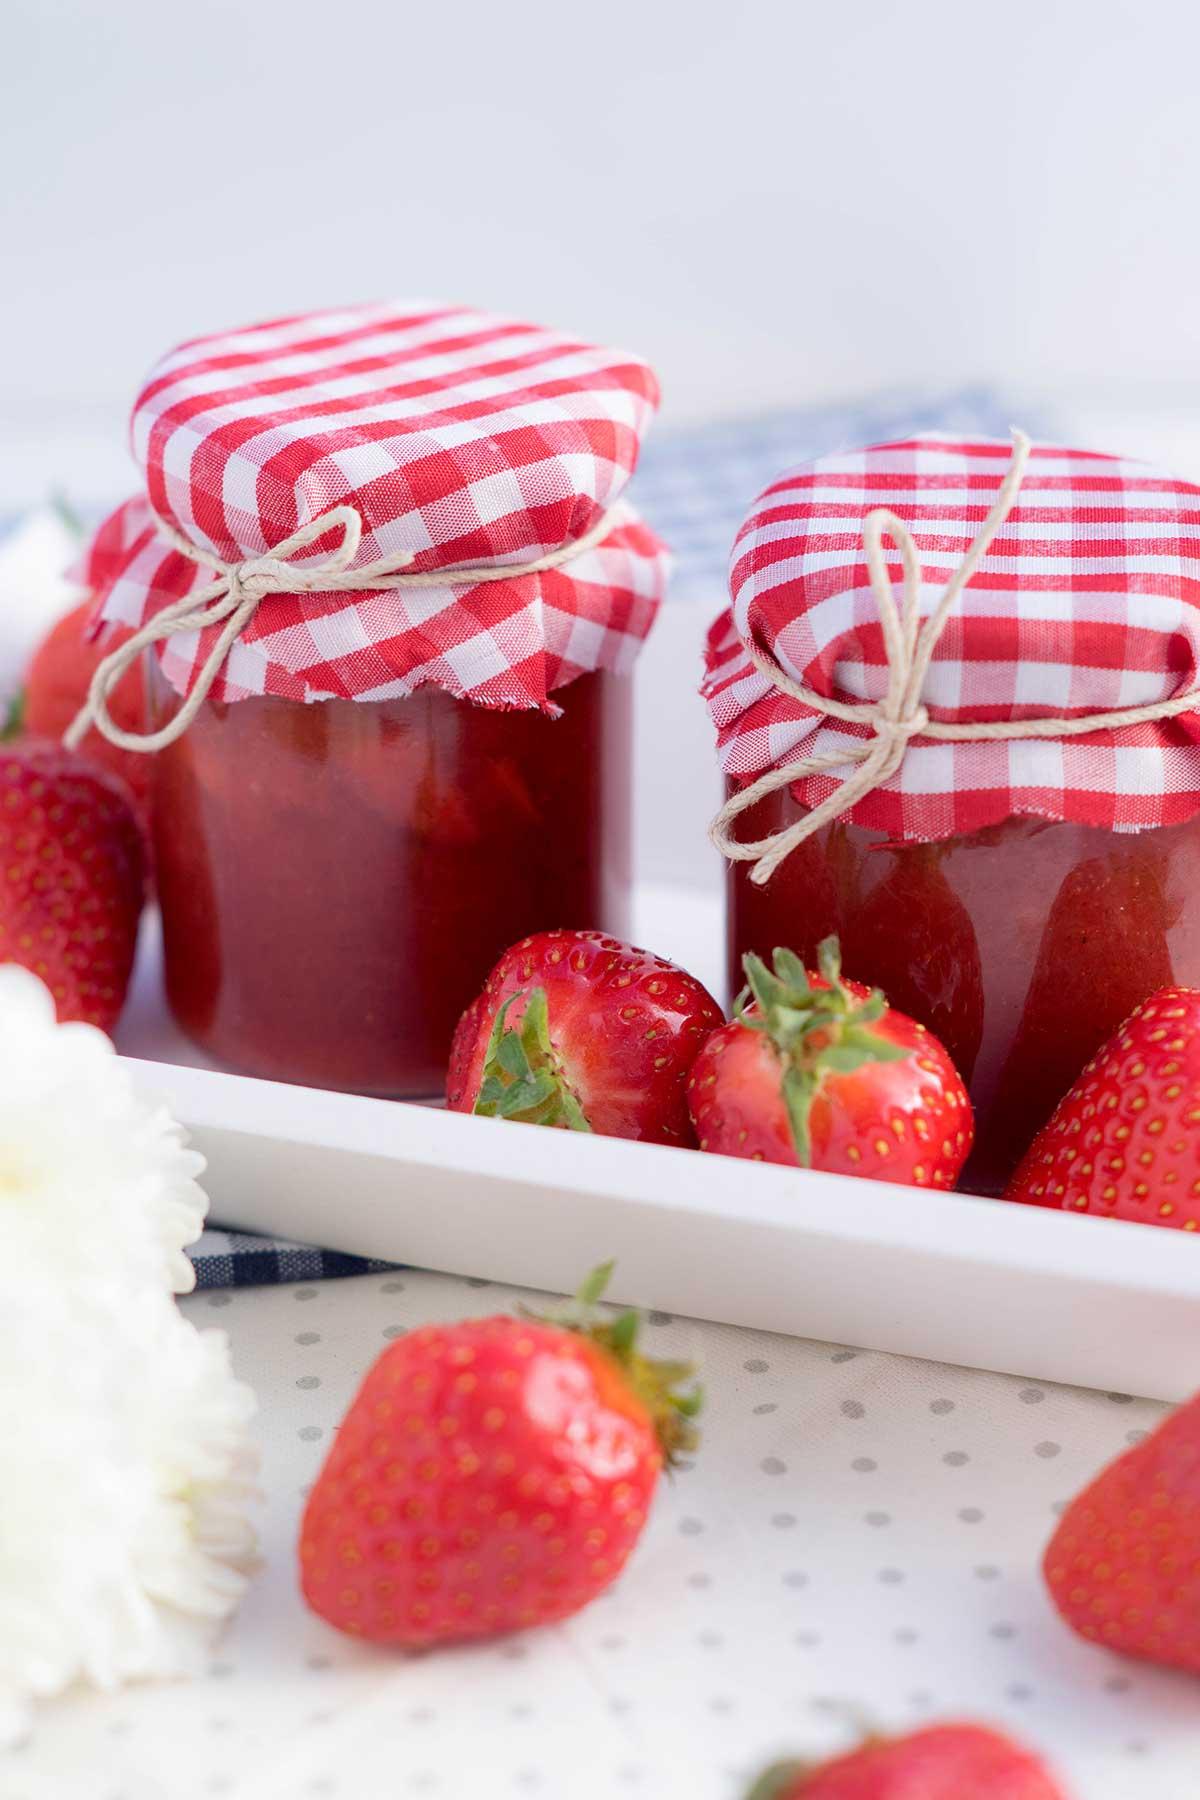 Erdbeermarmelade im Glas auf weißem Holz